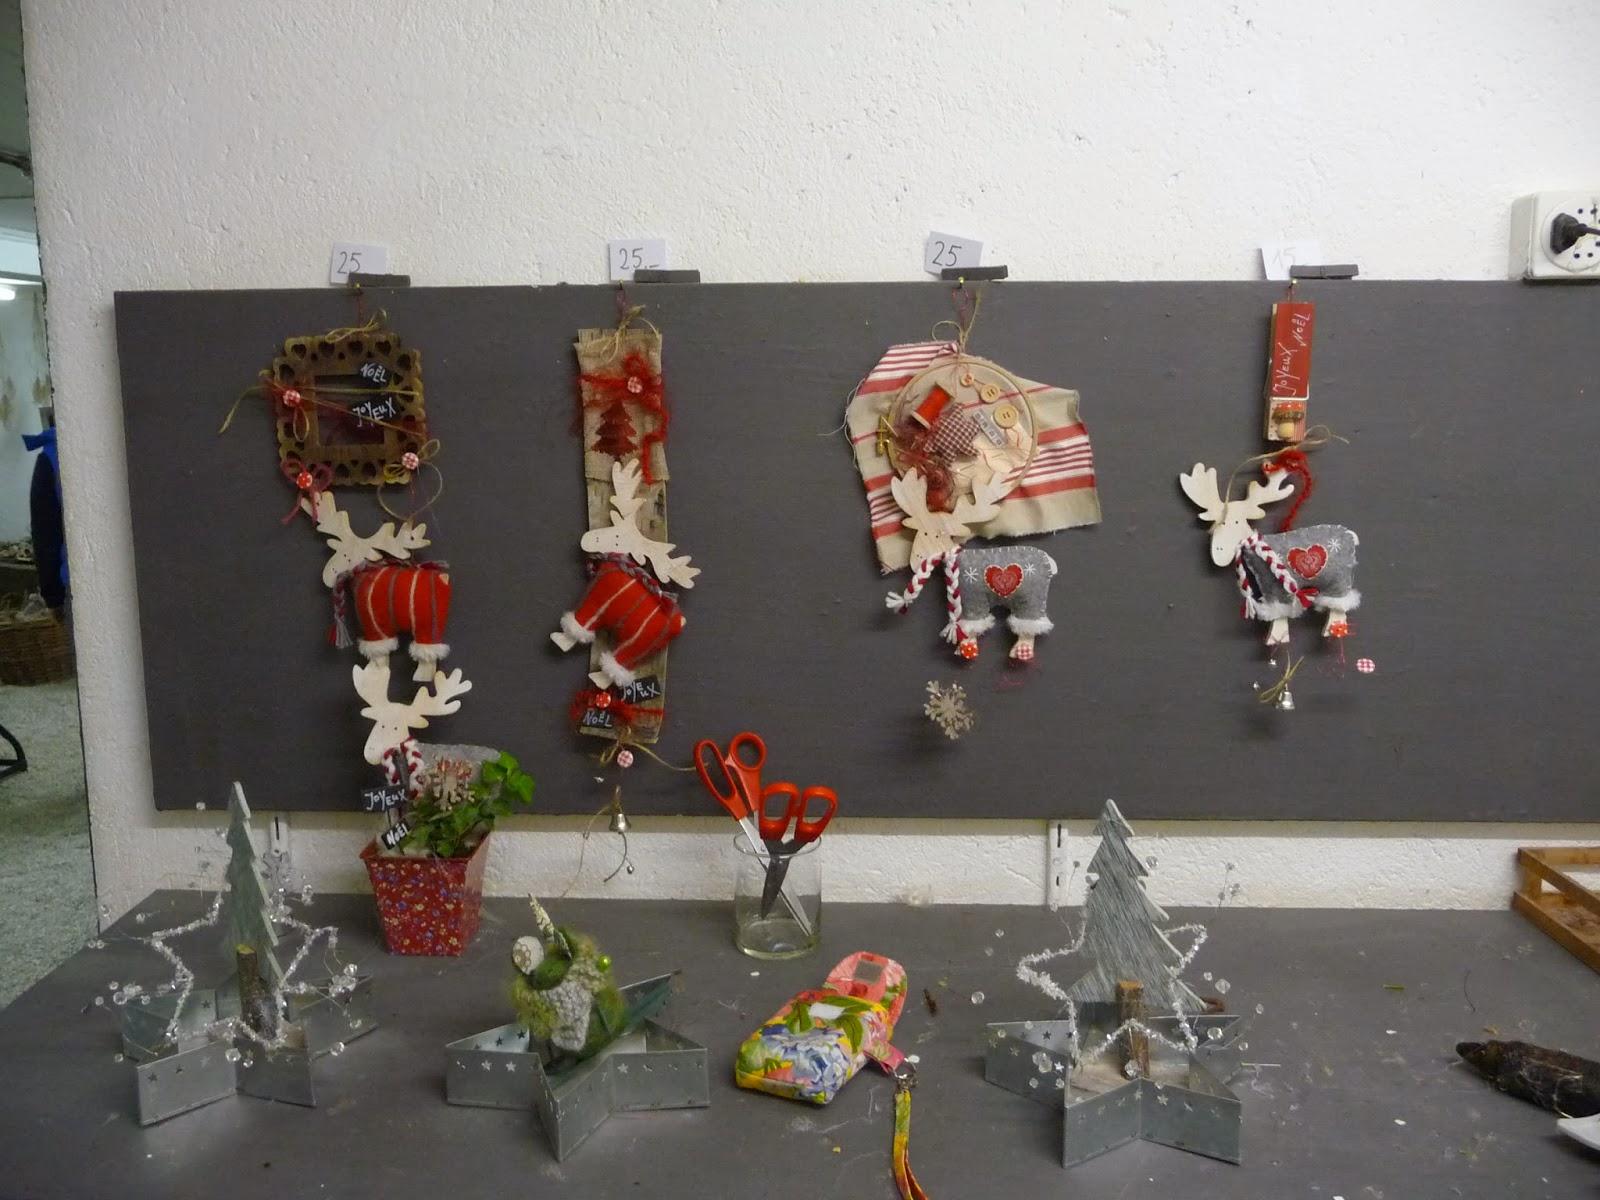 #664036 M.Alice: Suite Déco De Noël 5435 decorations de noel geneve 1600x1200 px @ aertt.com